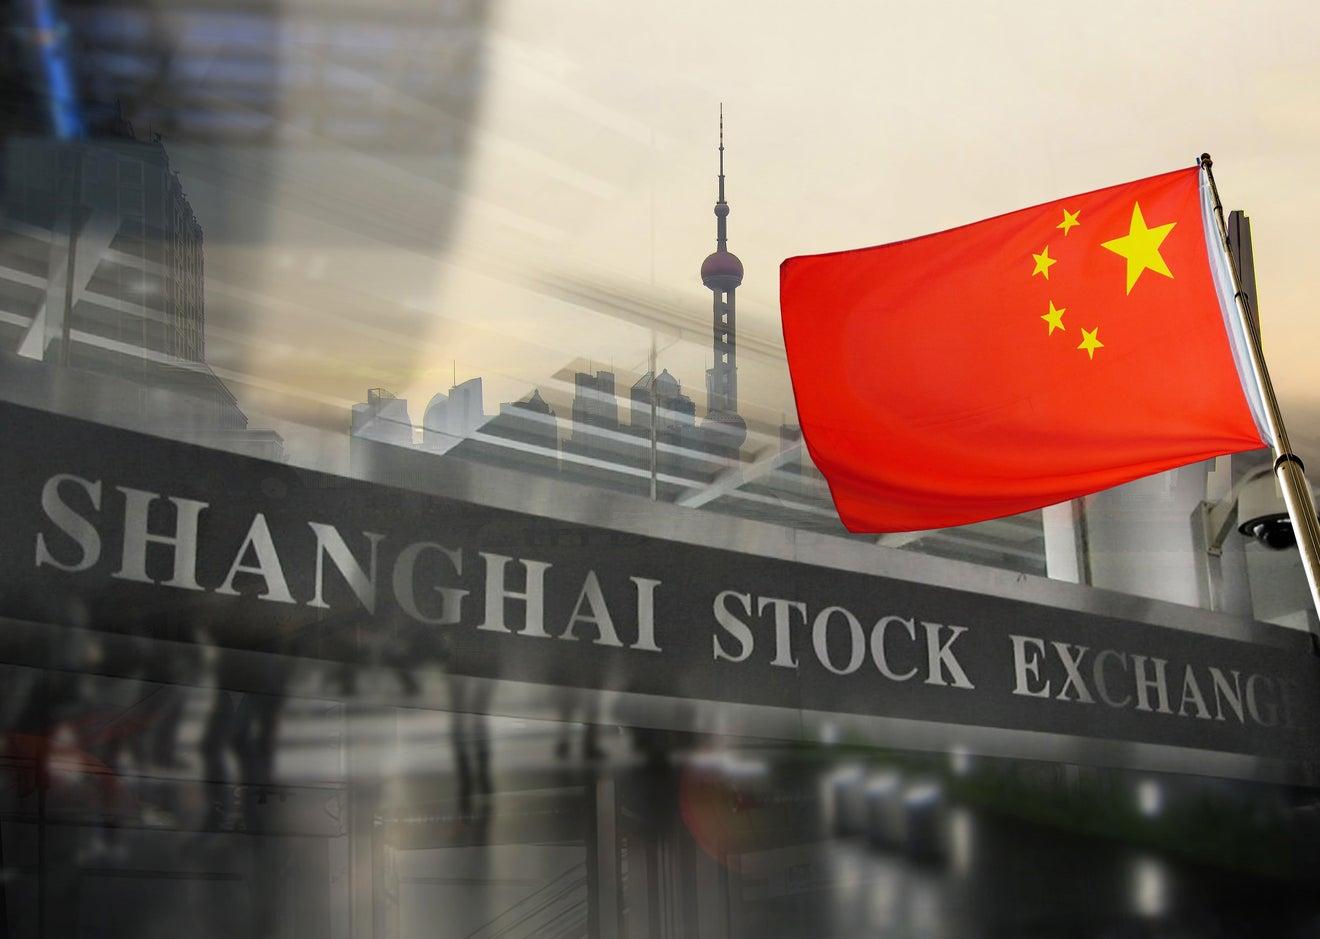 Shanghai SX